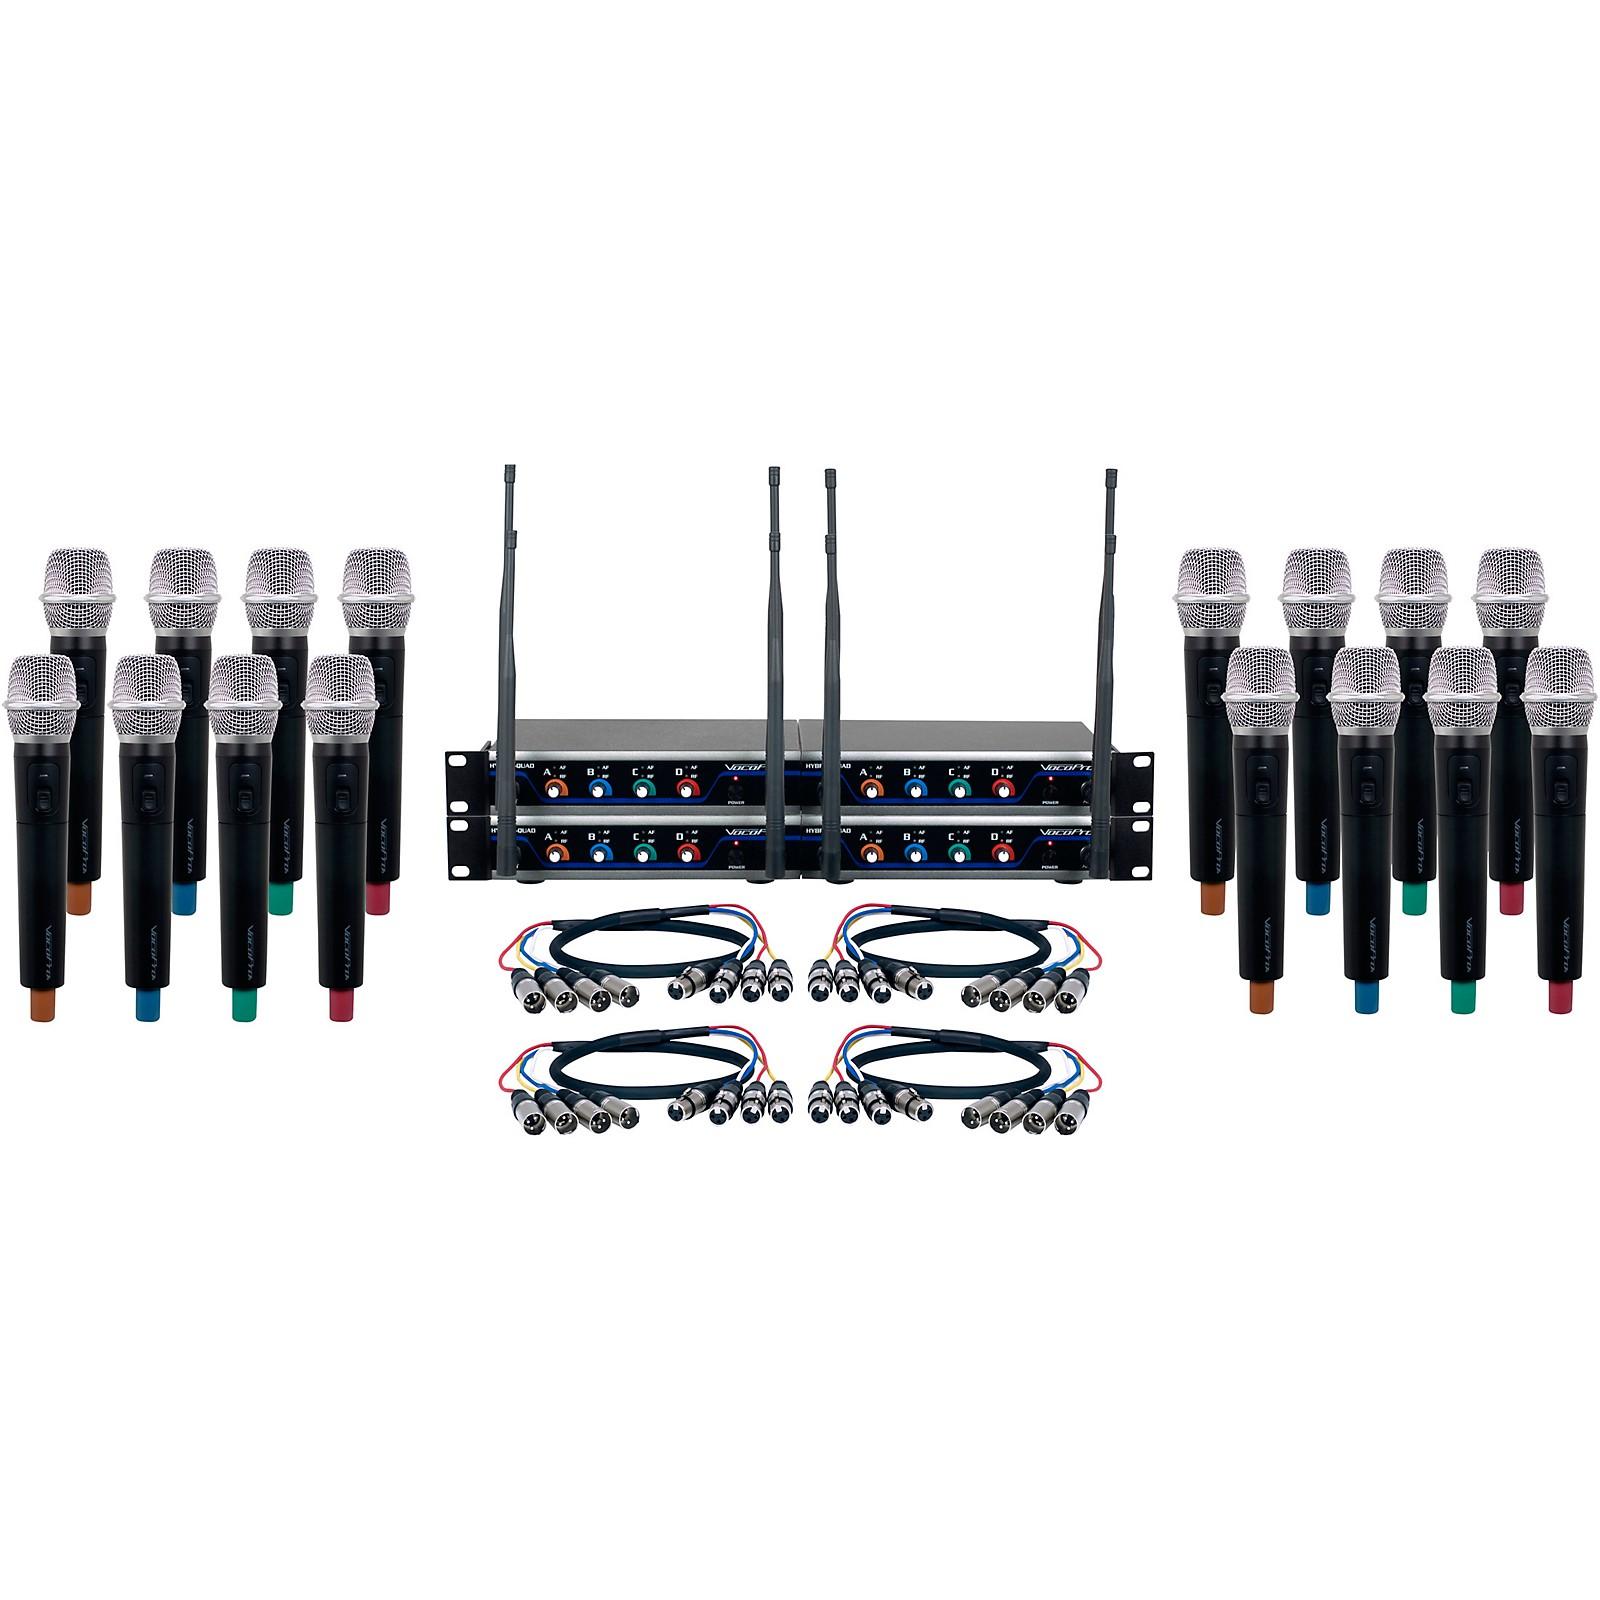 Open Box VocoPro Digital-Acapella-16 Wireless System